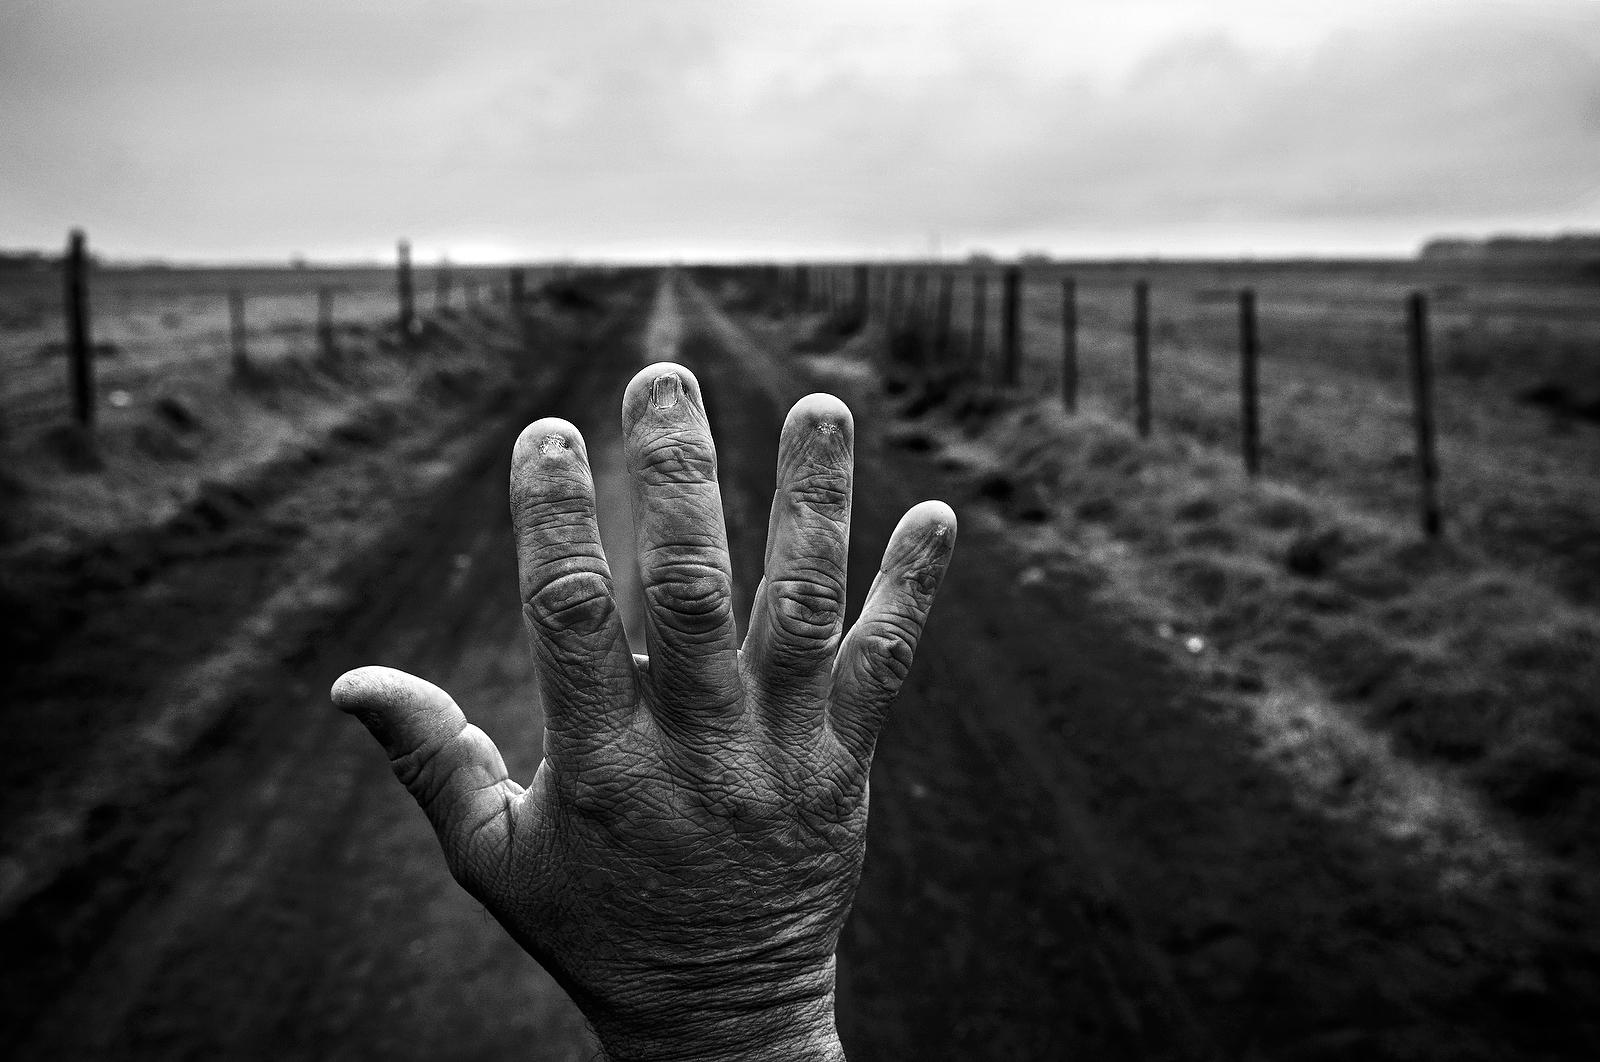 Il costo umano dei pesticidi in agricoltura nelle foto di Pablo Ernesto Piovano